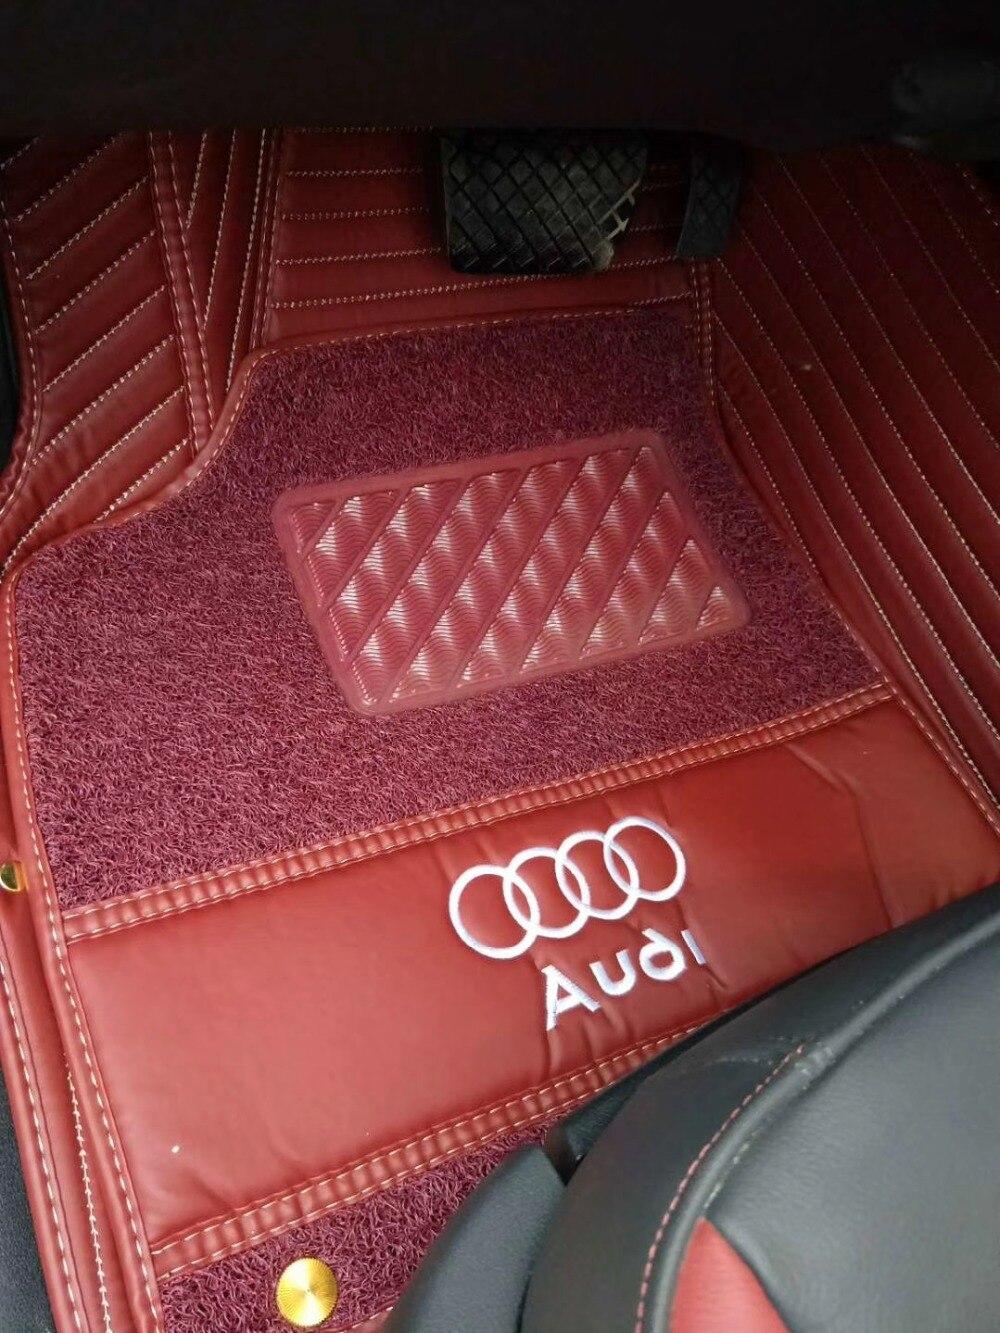 3d 5d custom-fit avec logo pvc tapis de voiture en cuir pour ranger rover prado lc200 mazada benz